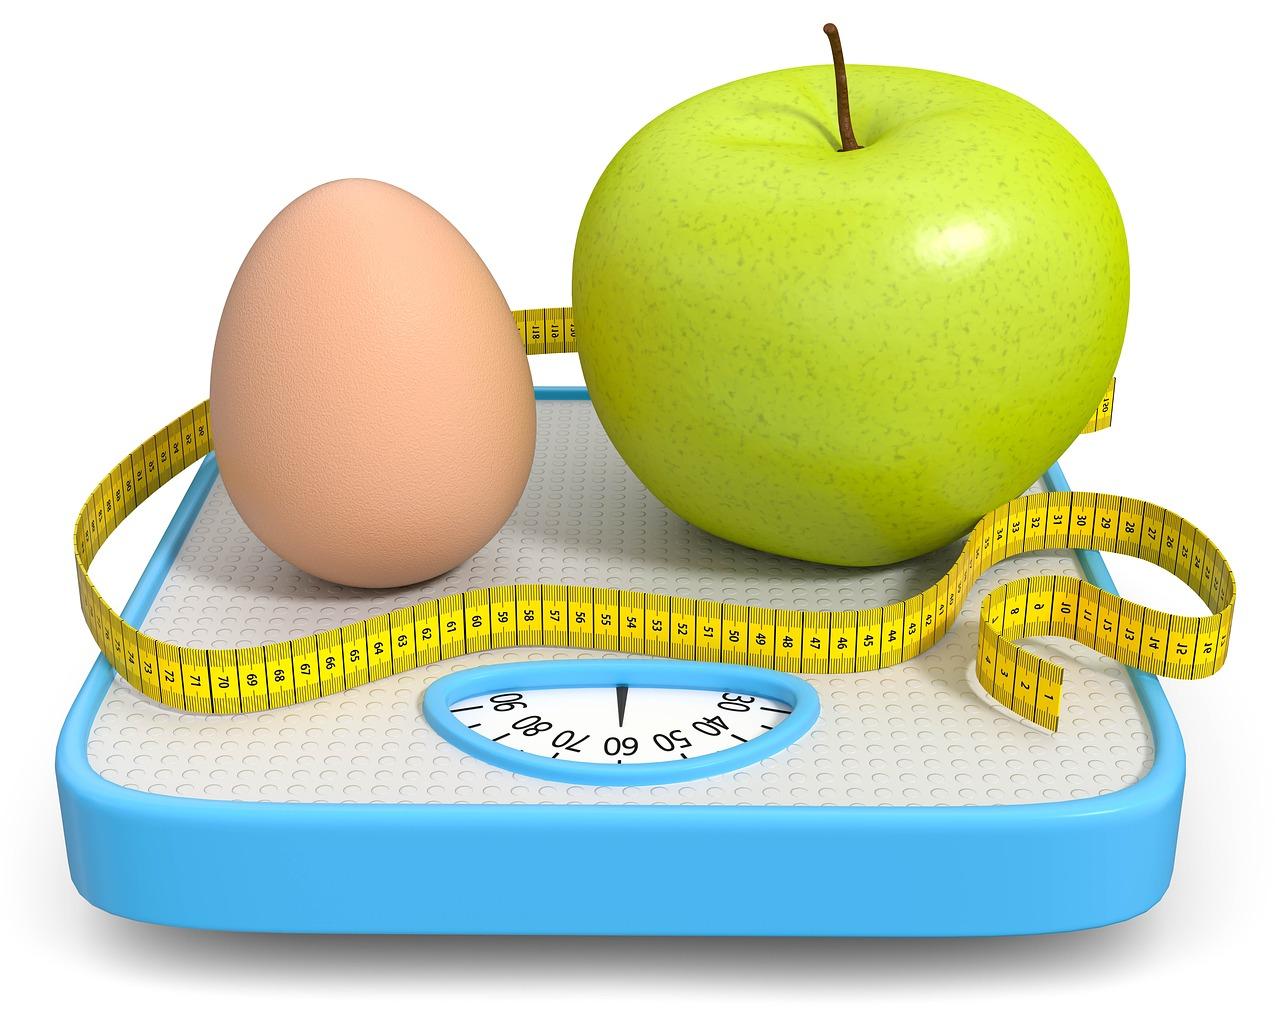 160センチの理想体重は?計算方法も。美容体重との違いは何?